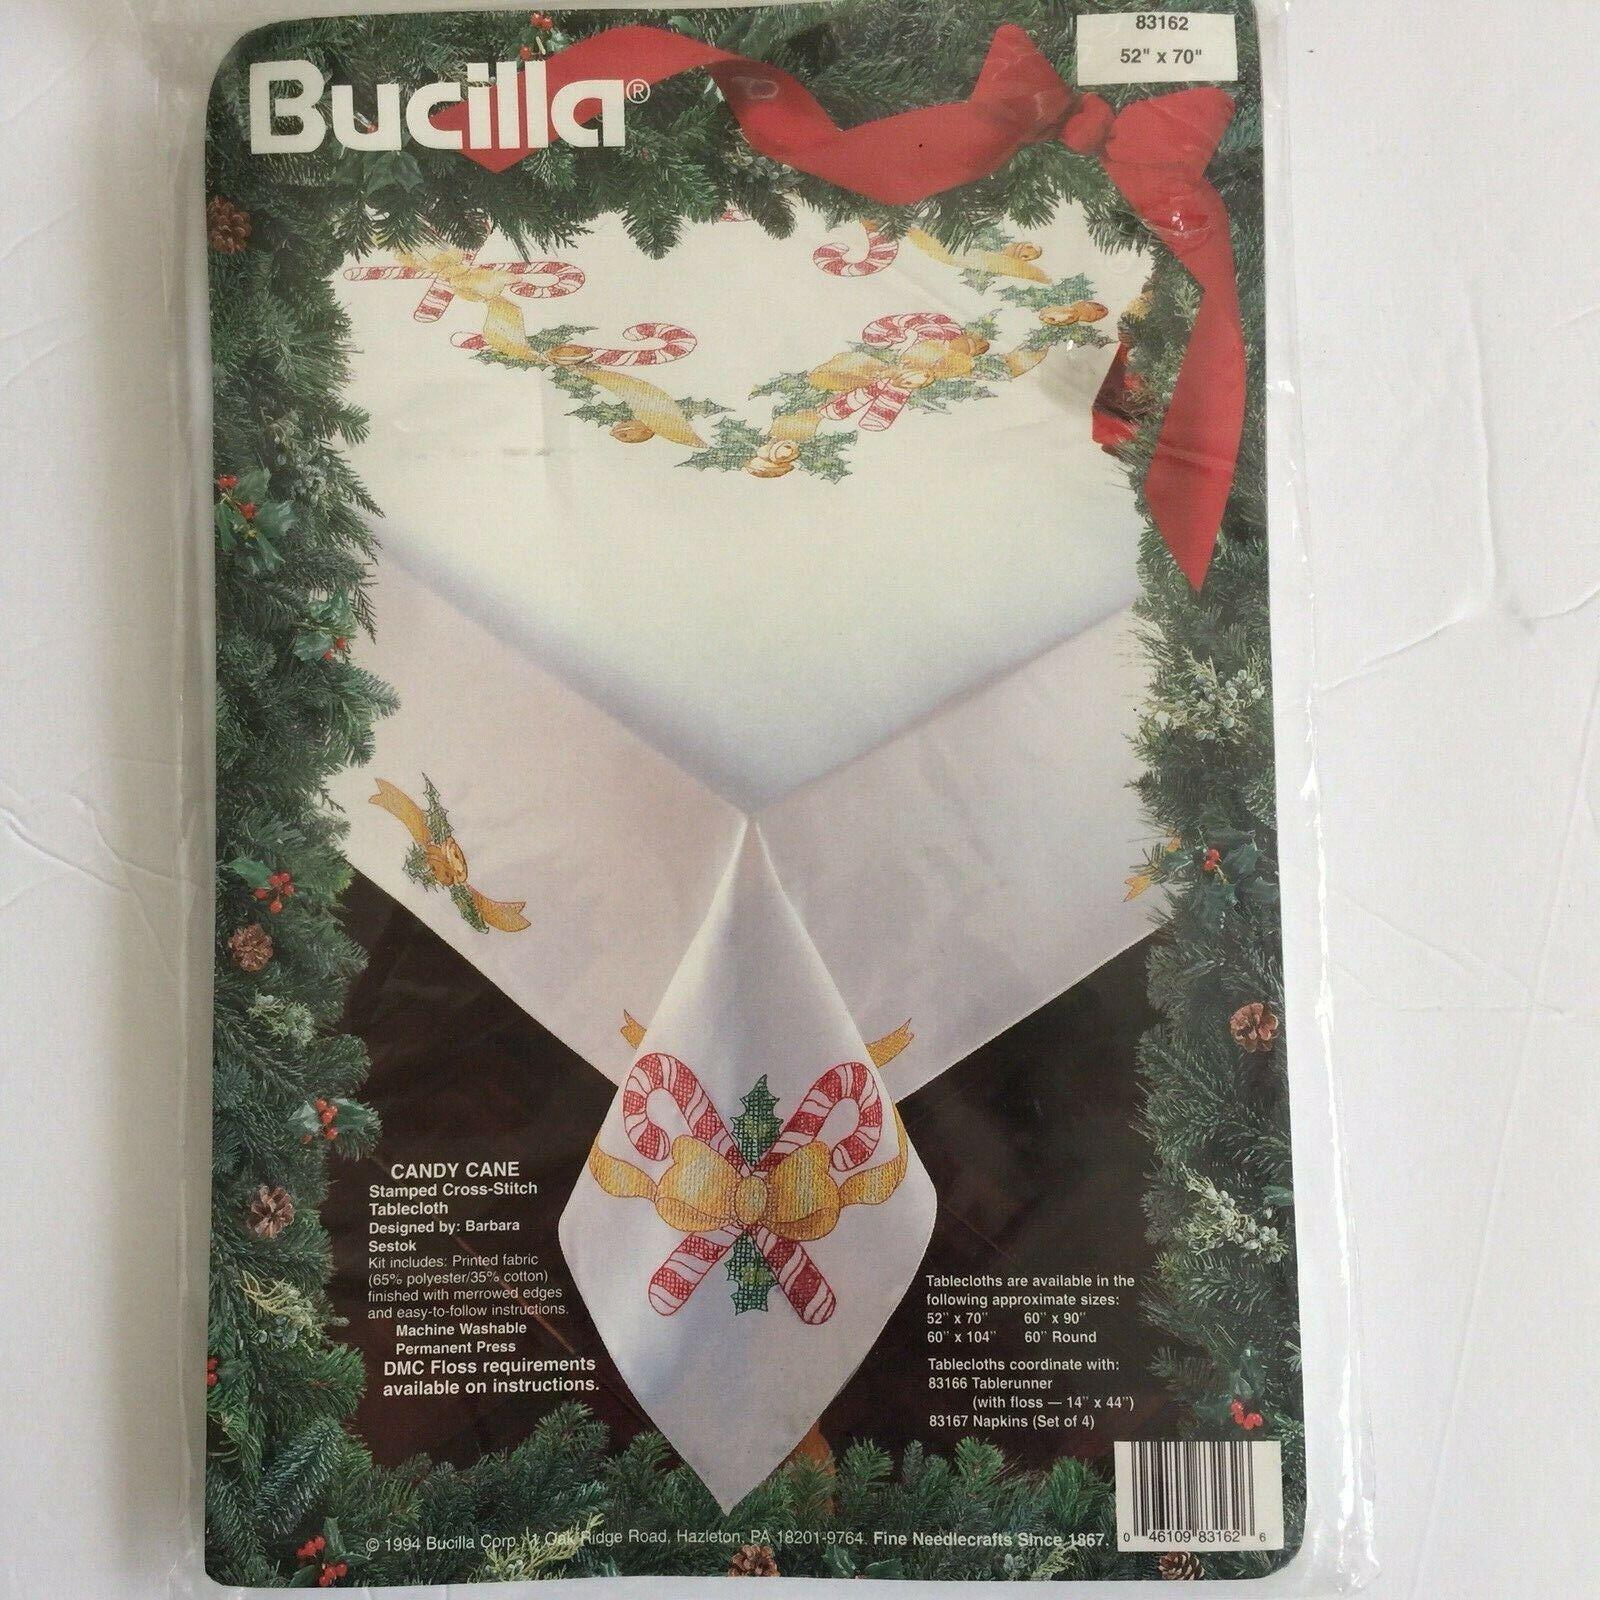 Bucilla Candy Cane Cross Stitch Tablecloth 52 x 70 83162 Chr